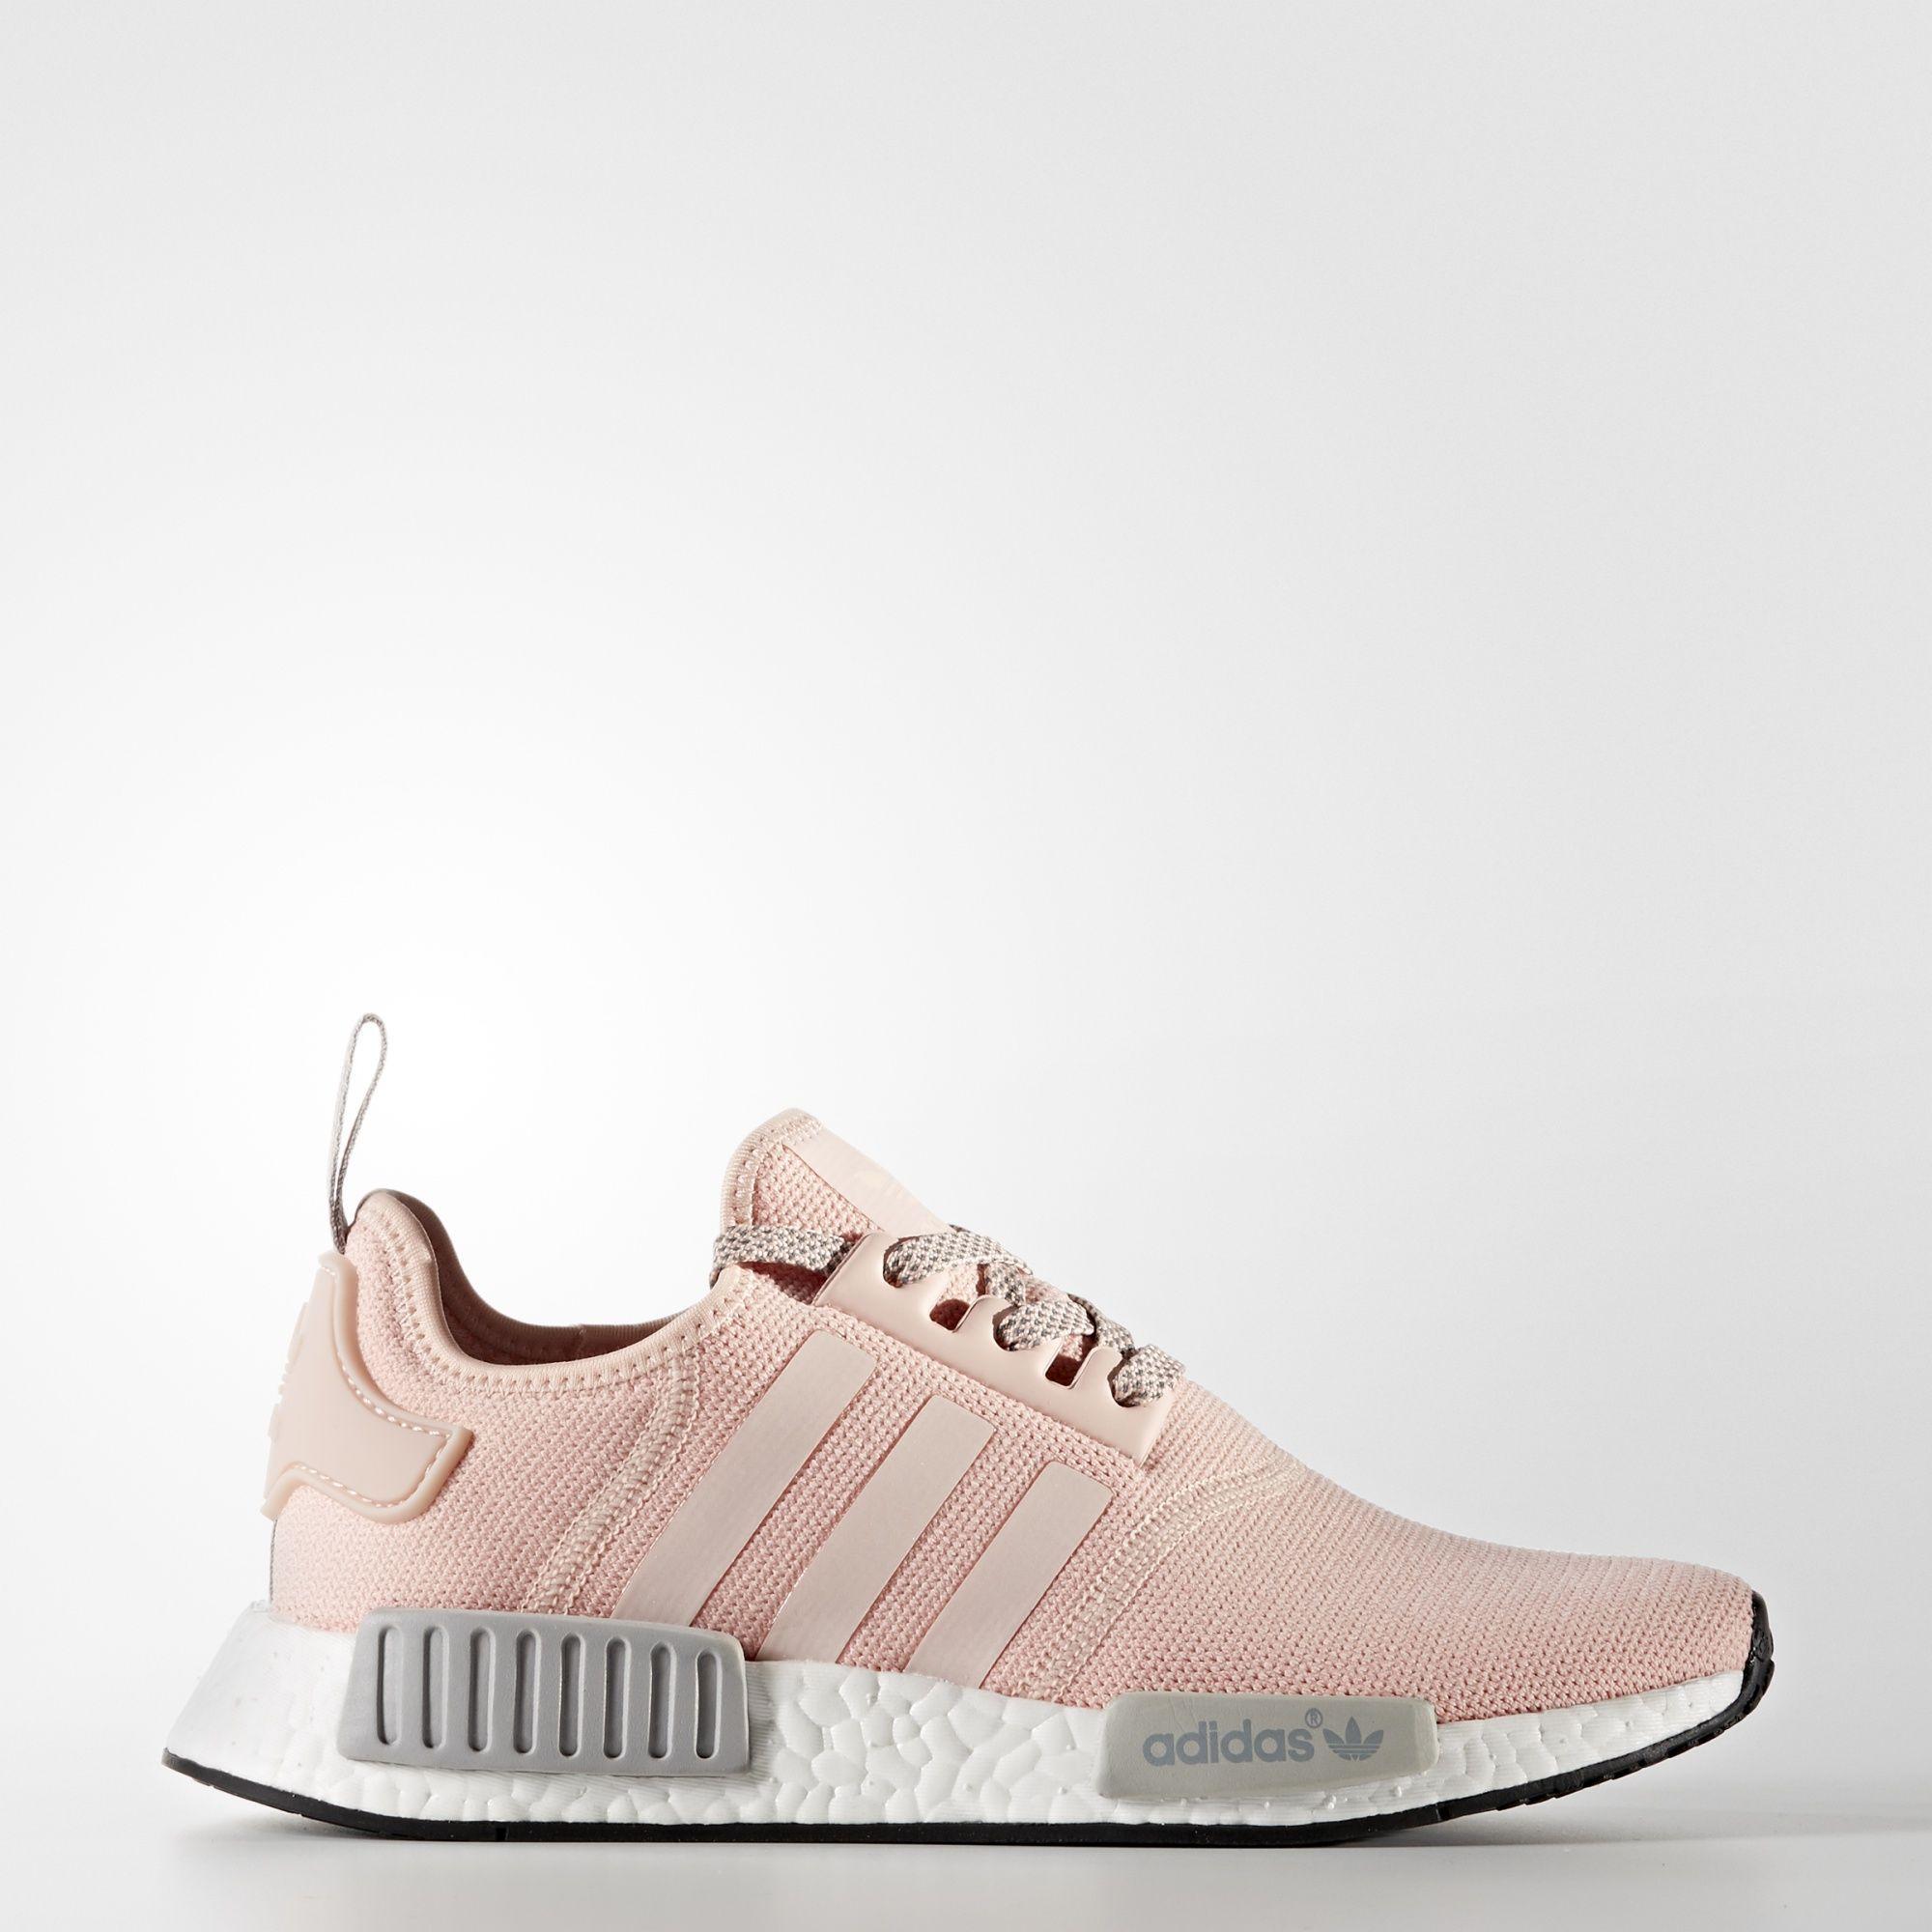 861a1408e http   www.adidas.com us nmd r1-shoes